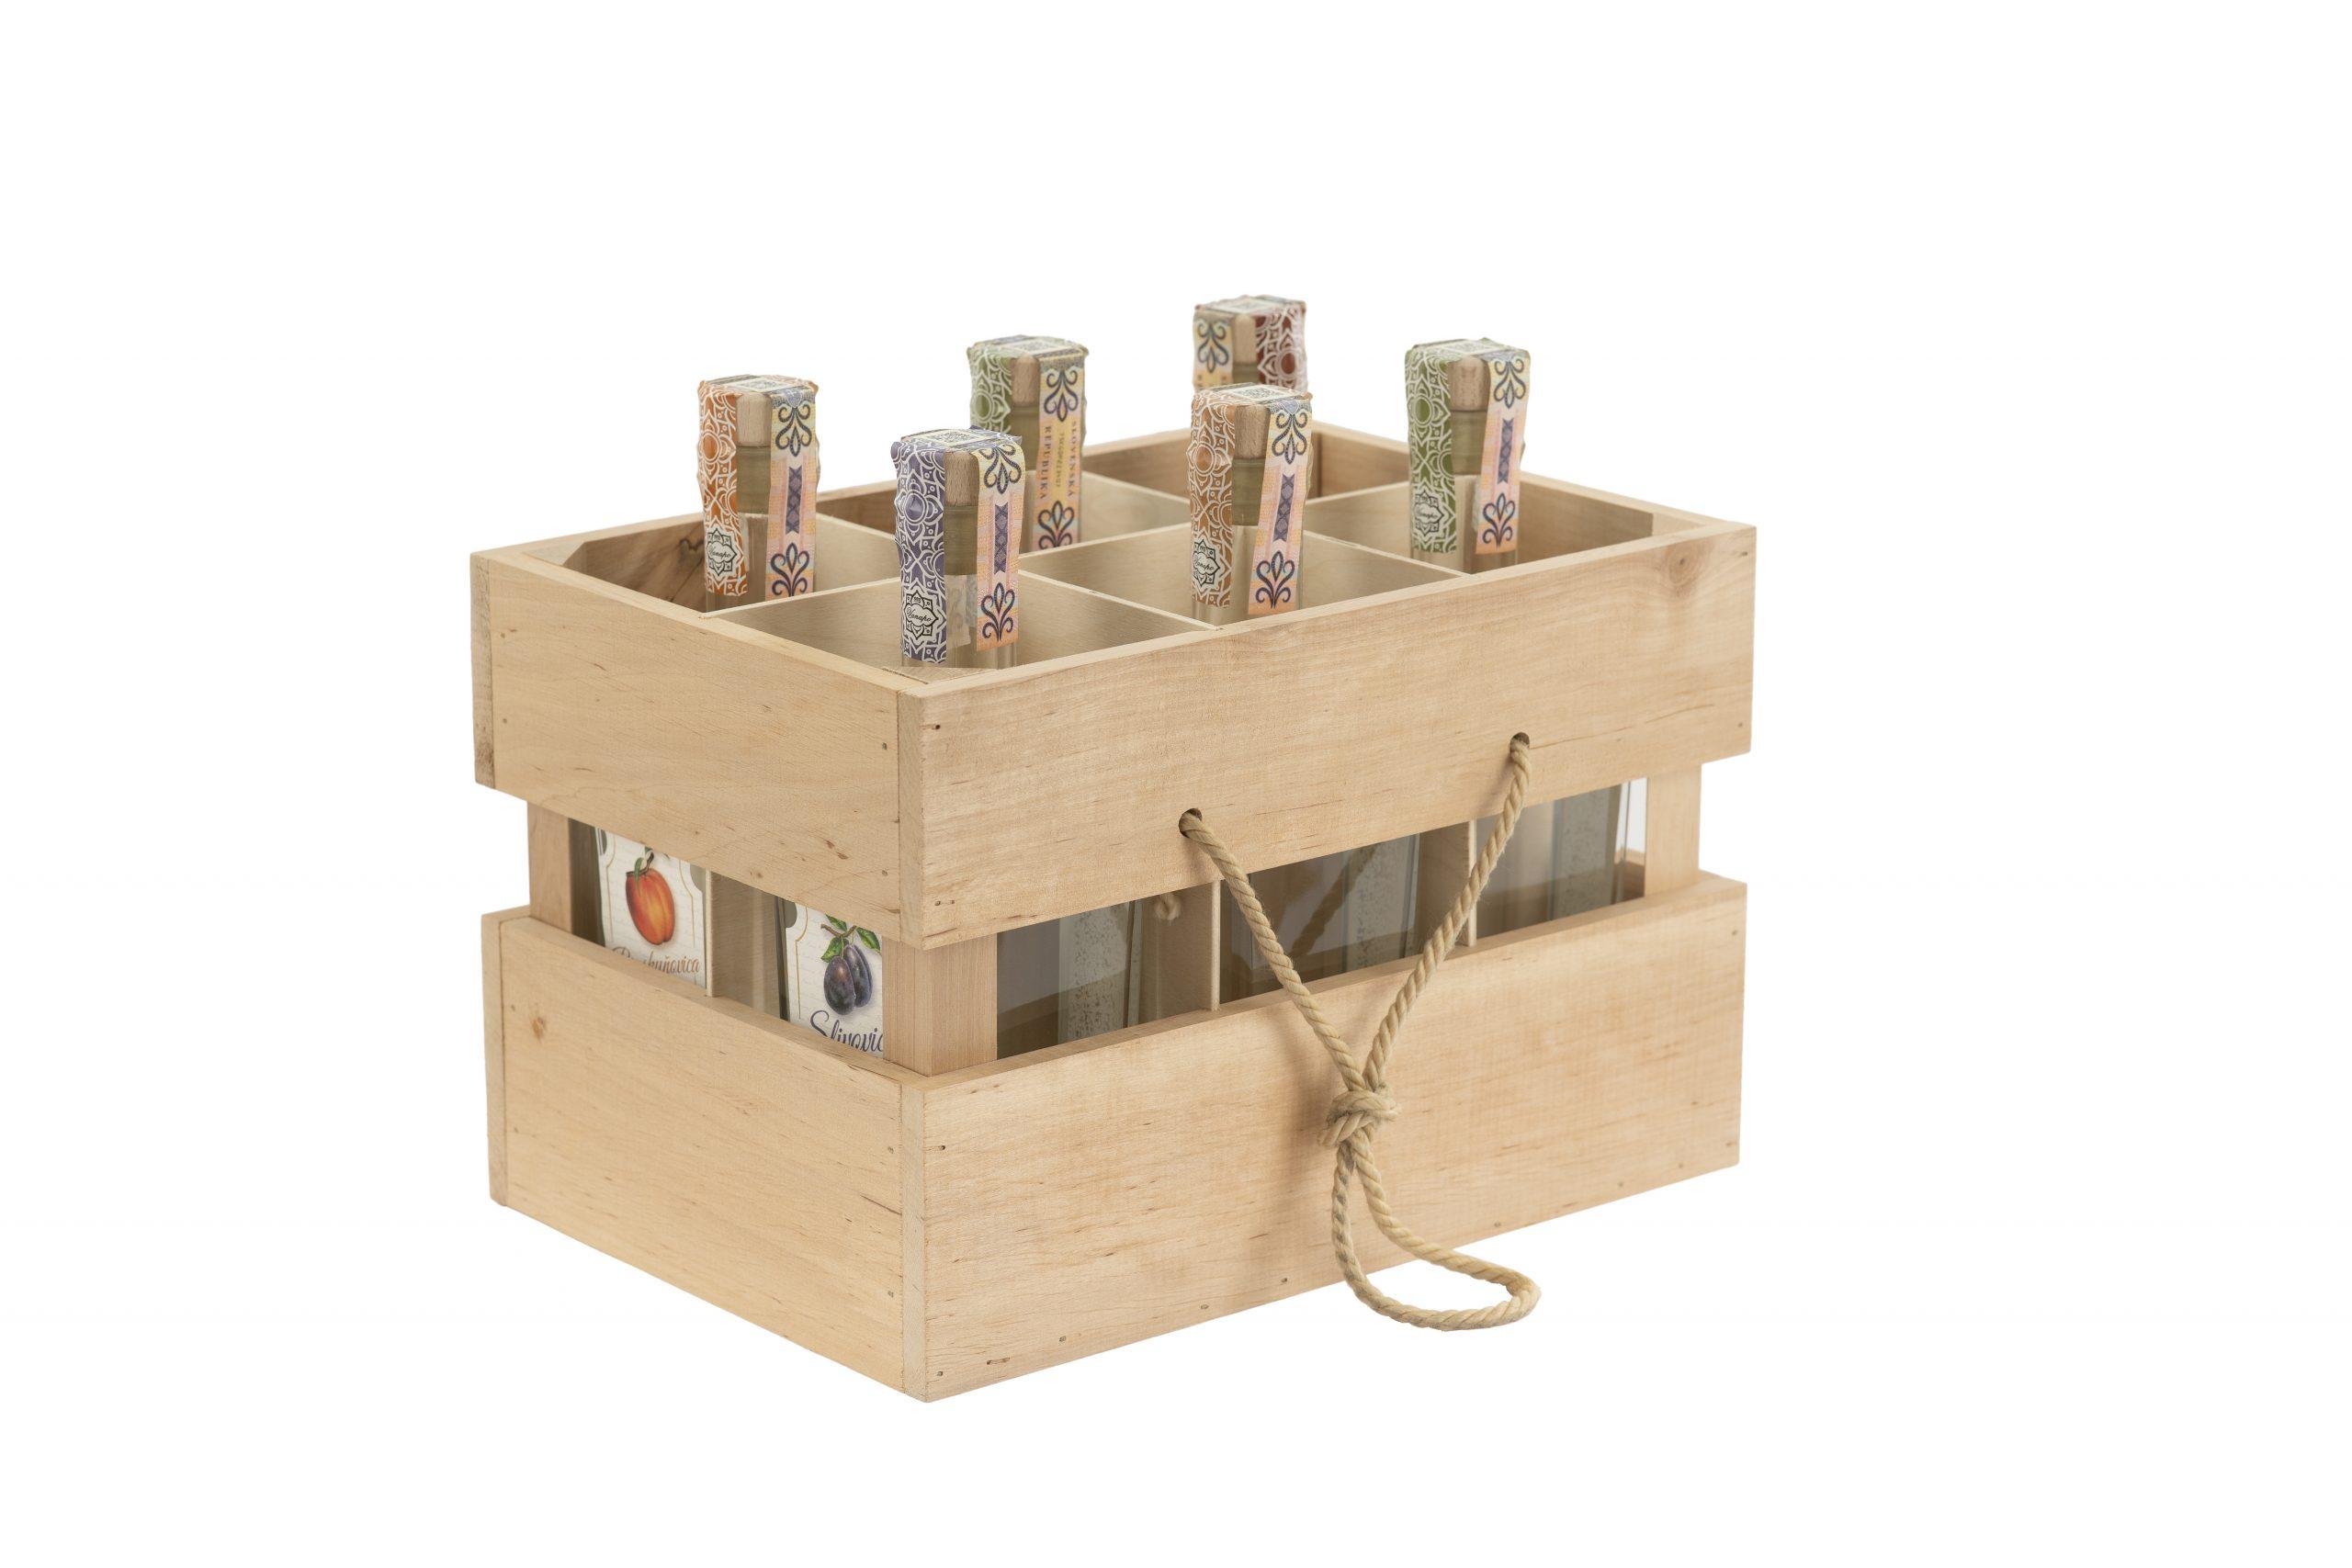 Dreveny nosic so 6 ks flias scaled 1 - 6 fľašový nosič